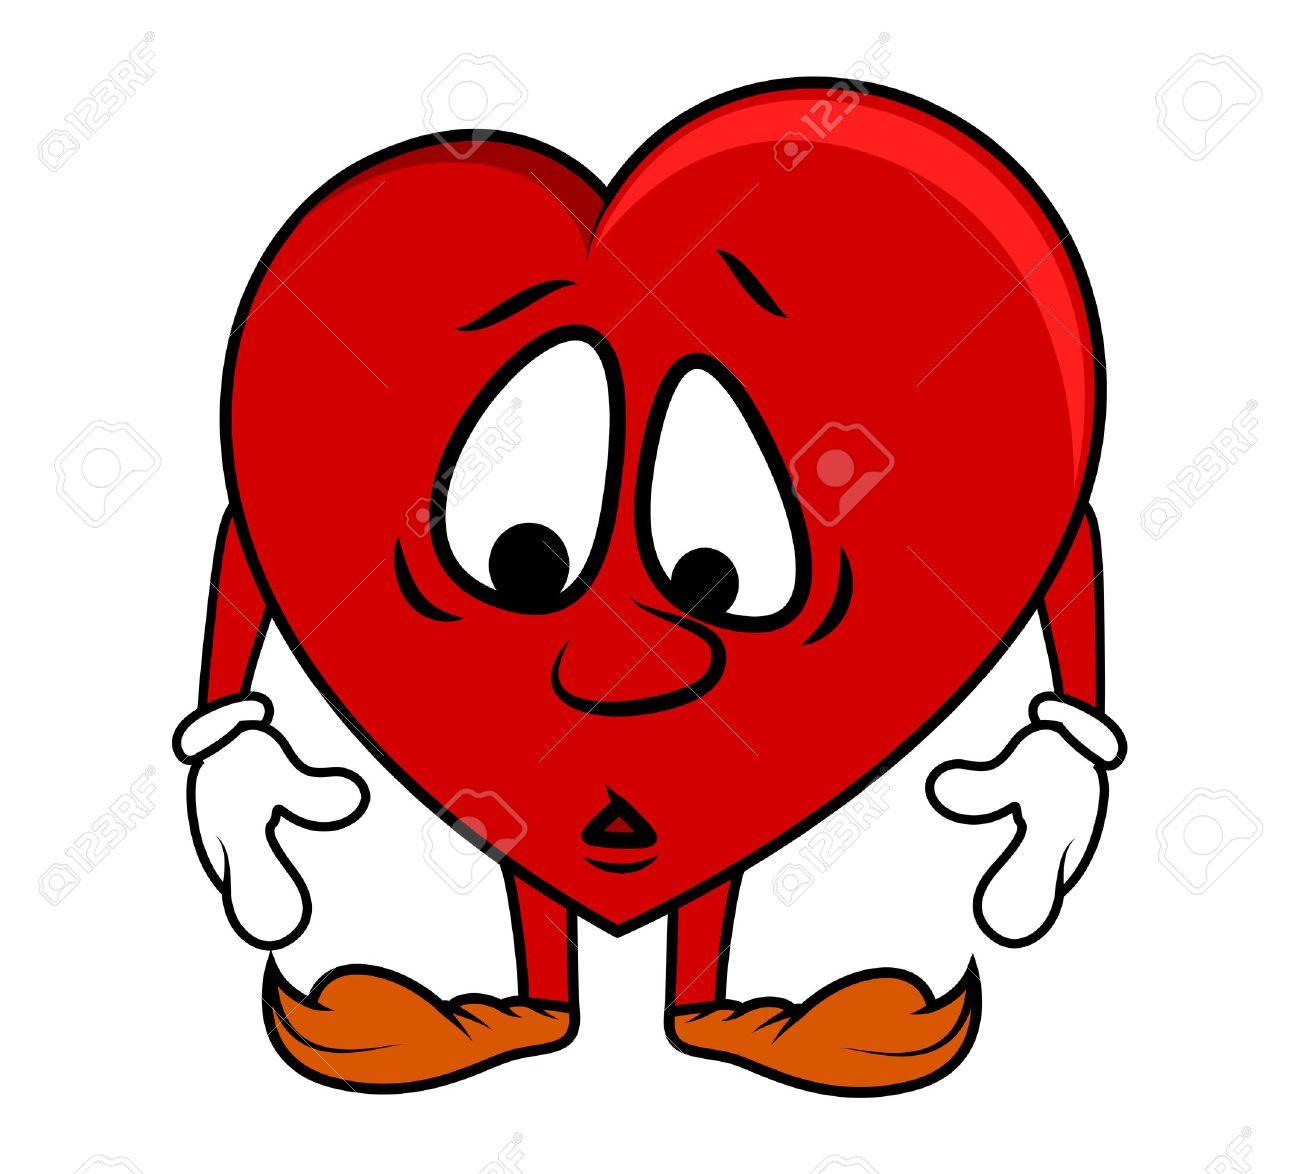 Sad cartoon heart royalty free cliparts vectors and stock sad cartoon heart voltagebd Choice Image